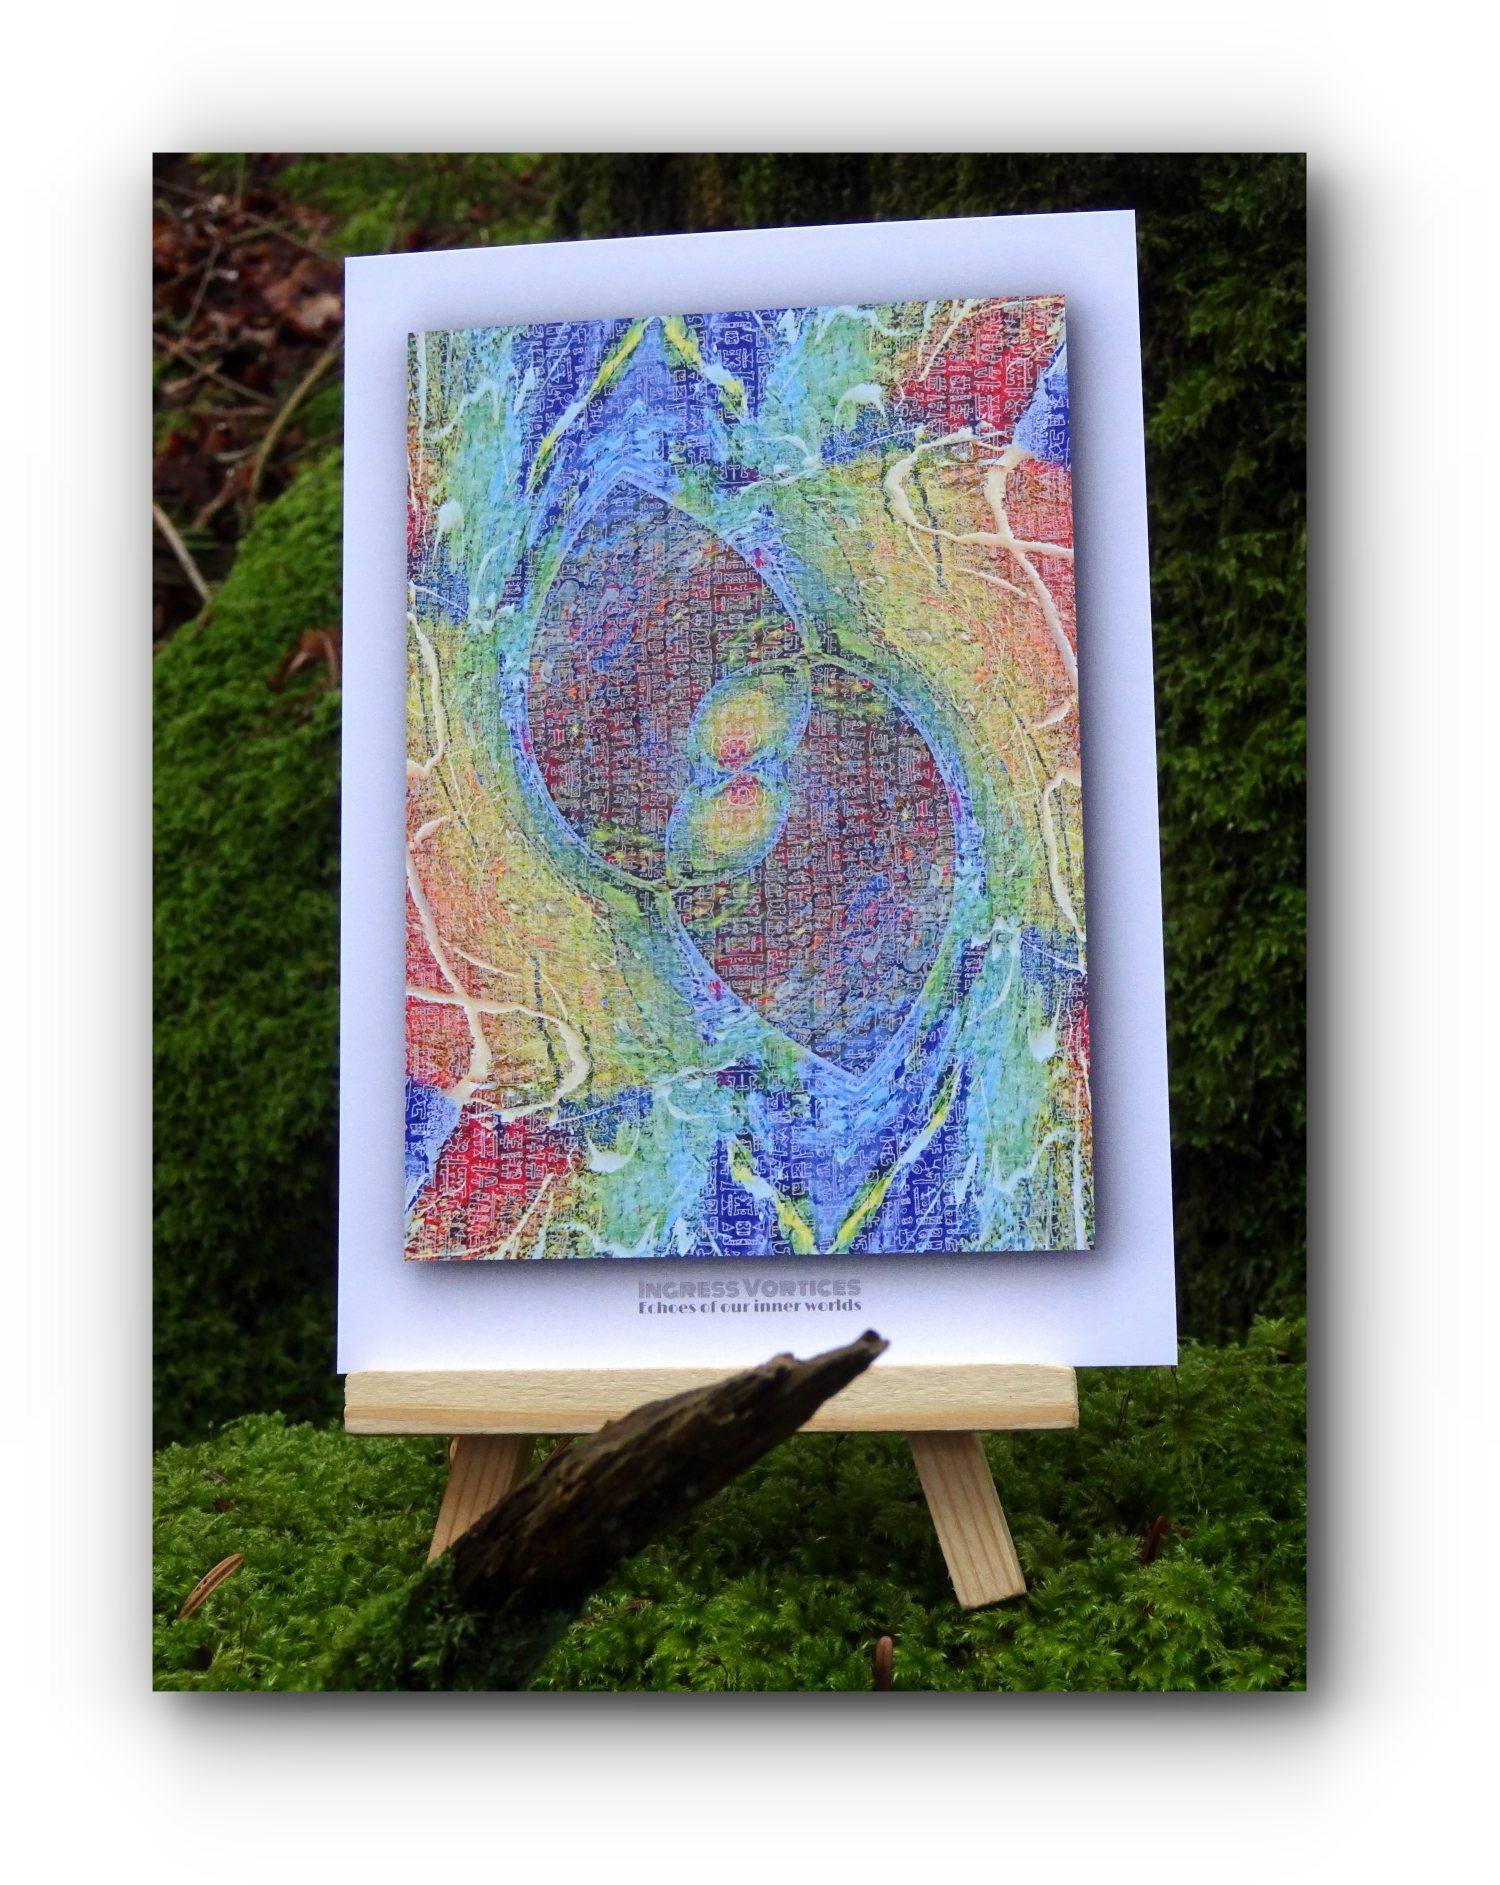 digital-art-symbiosis-77-artist-duo-ingress-vortices.jpg